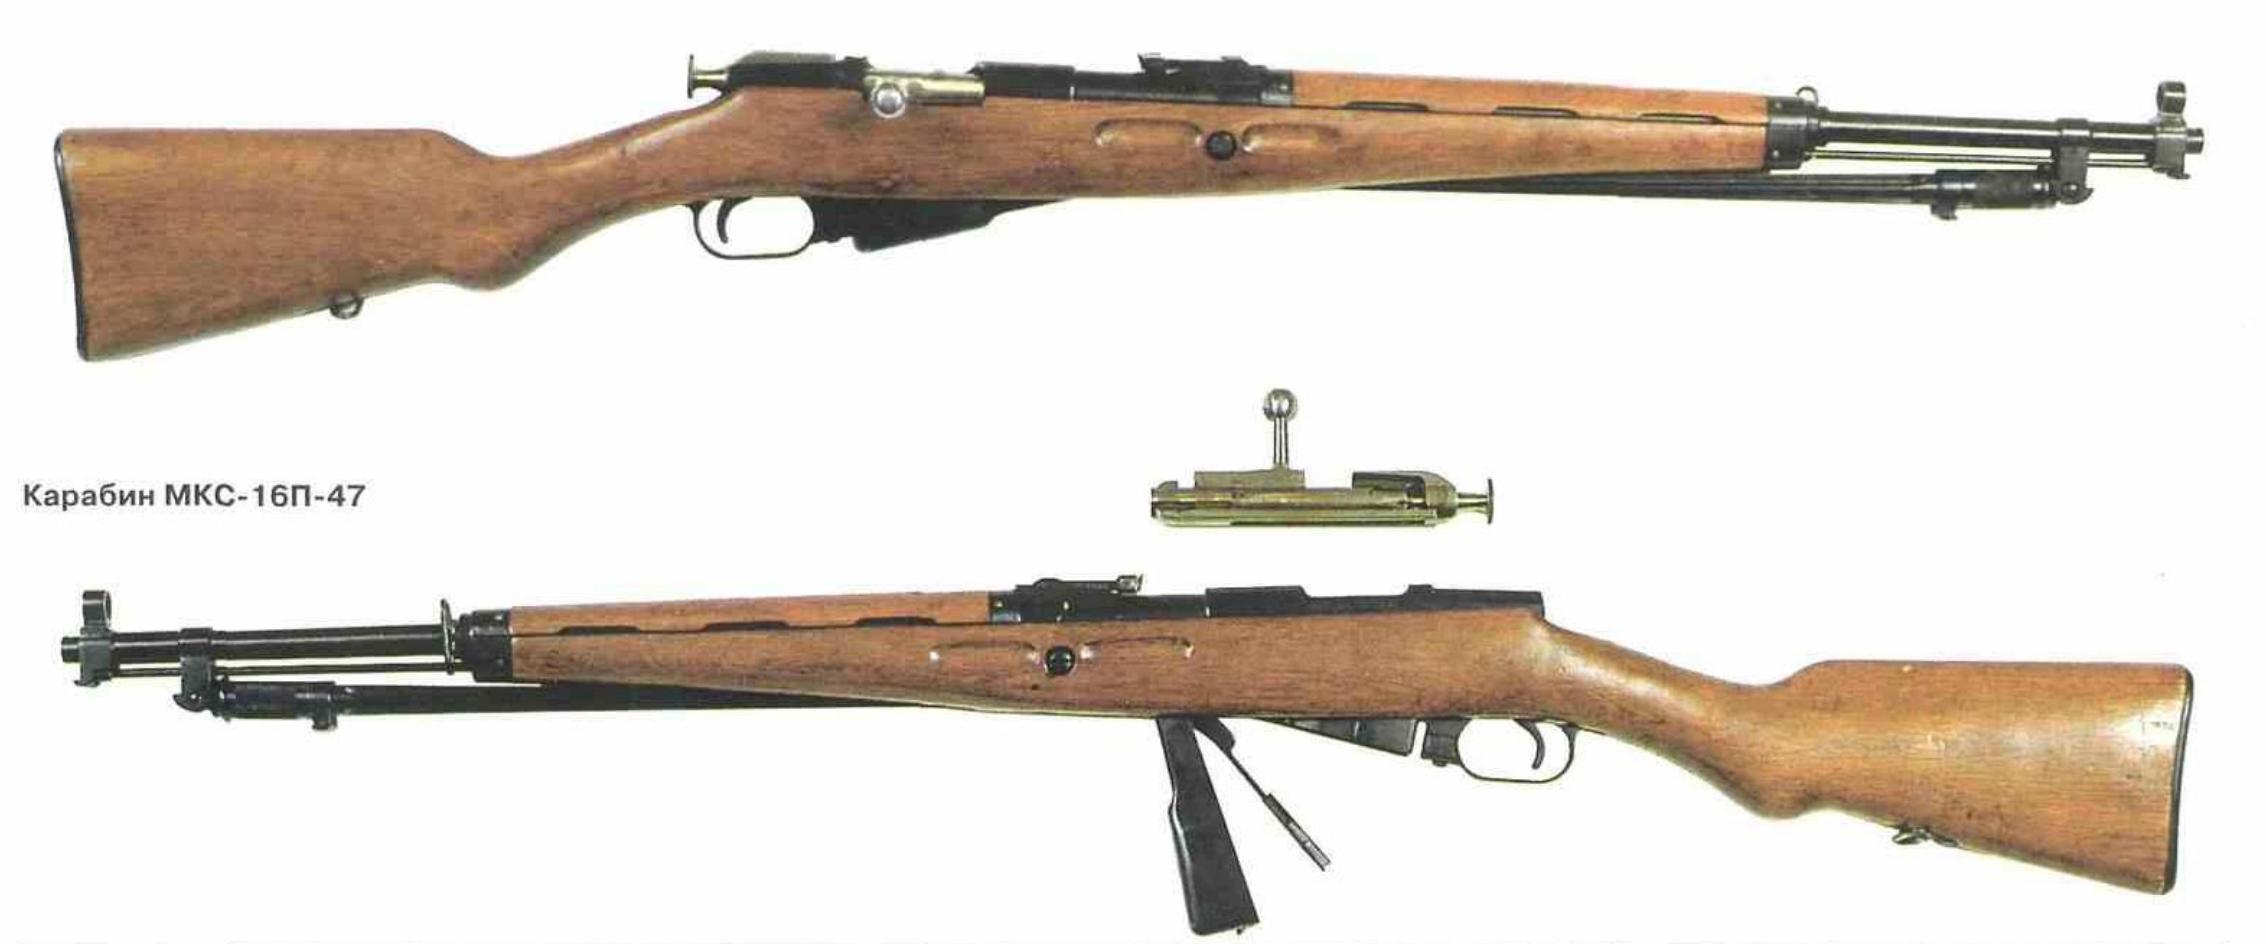 Pin On Russian Firearms